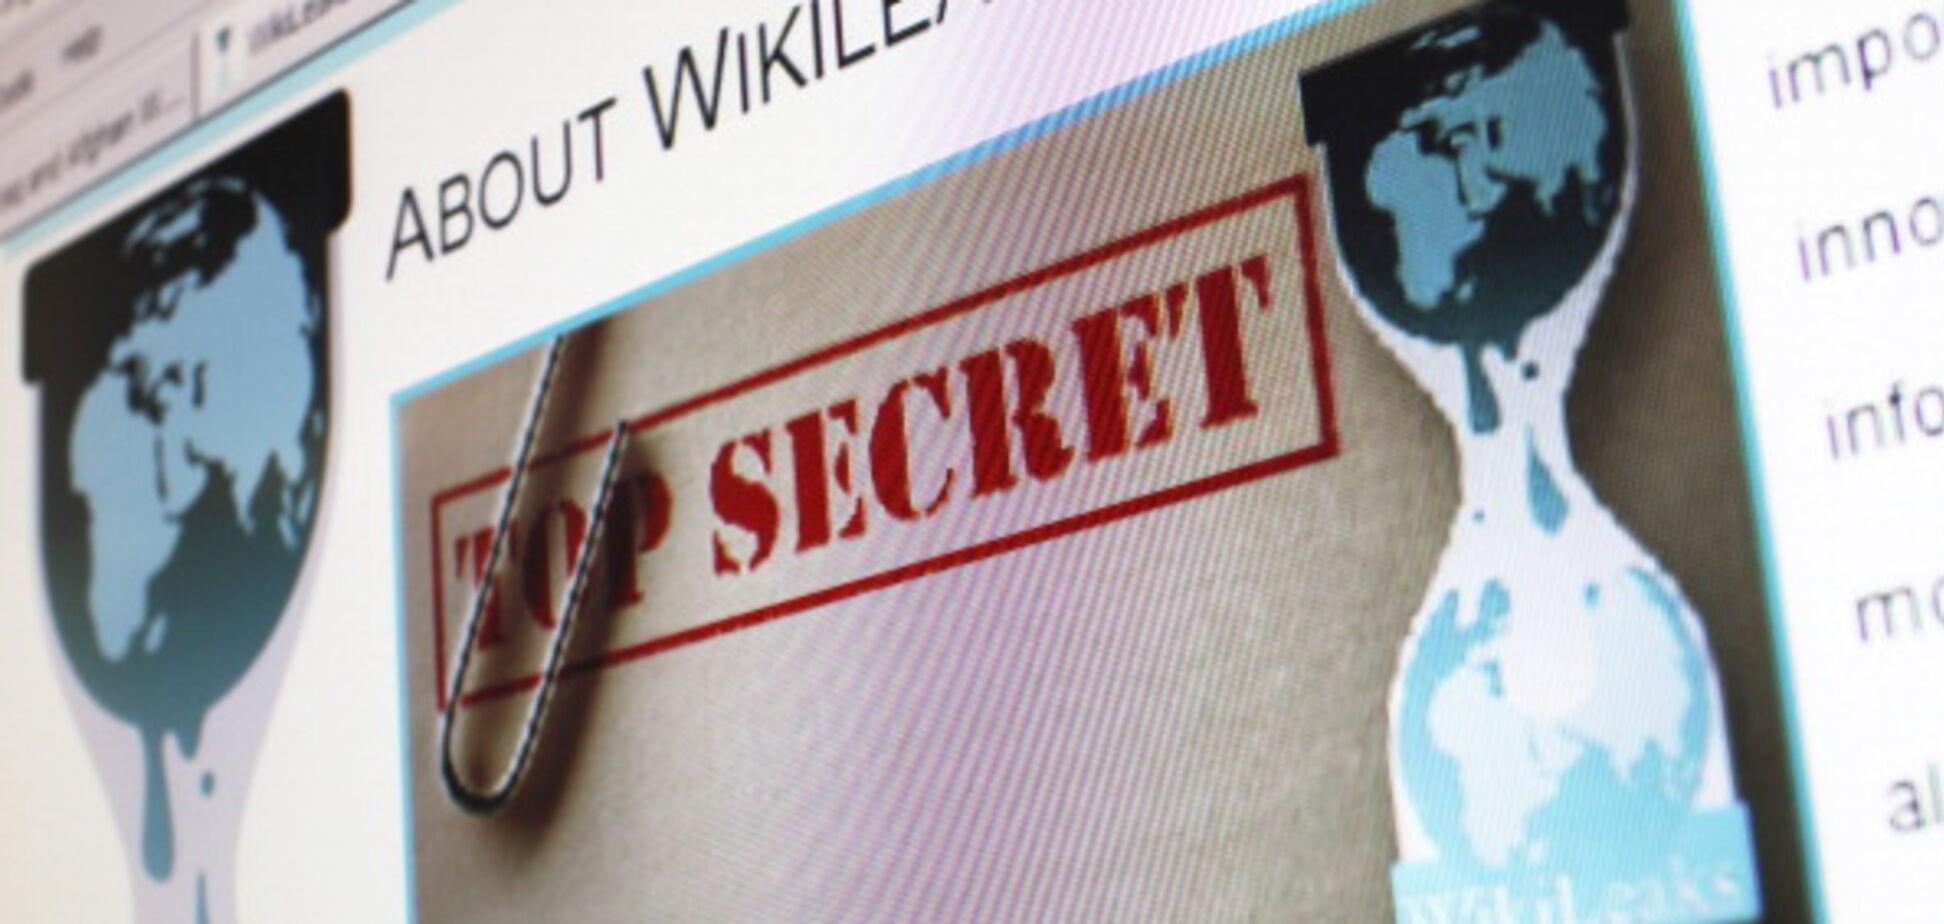 Утечка Spy Files Russia: WikiLeaks 'слила' российскую компанию, которая следит за гражданами для правительства